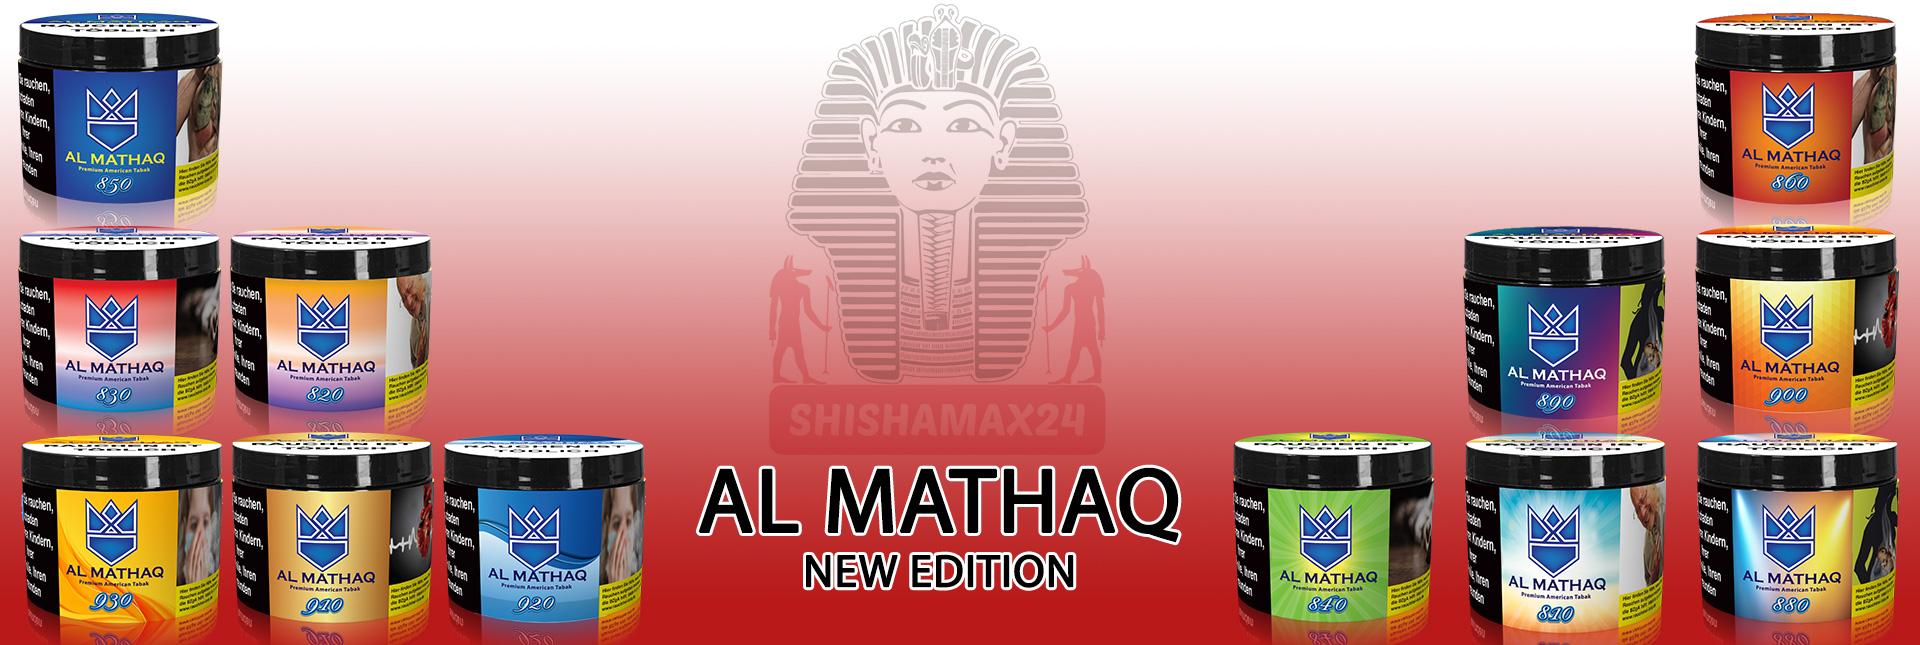 AL MATHAQ